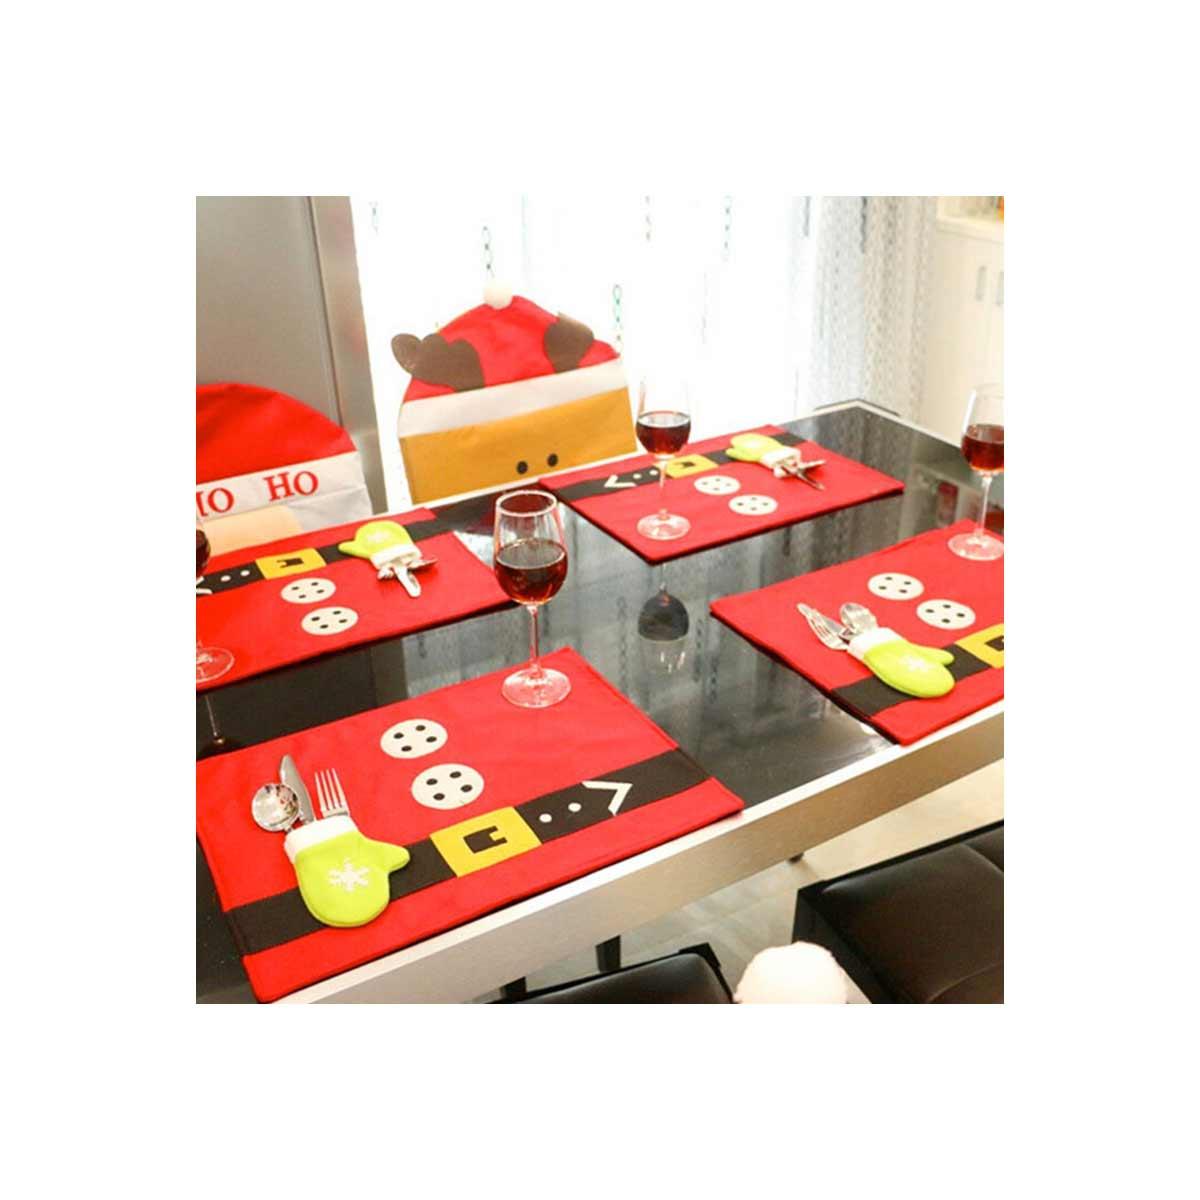 キッズ用食器, ランチョンマット  4